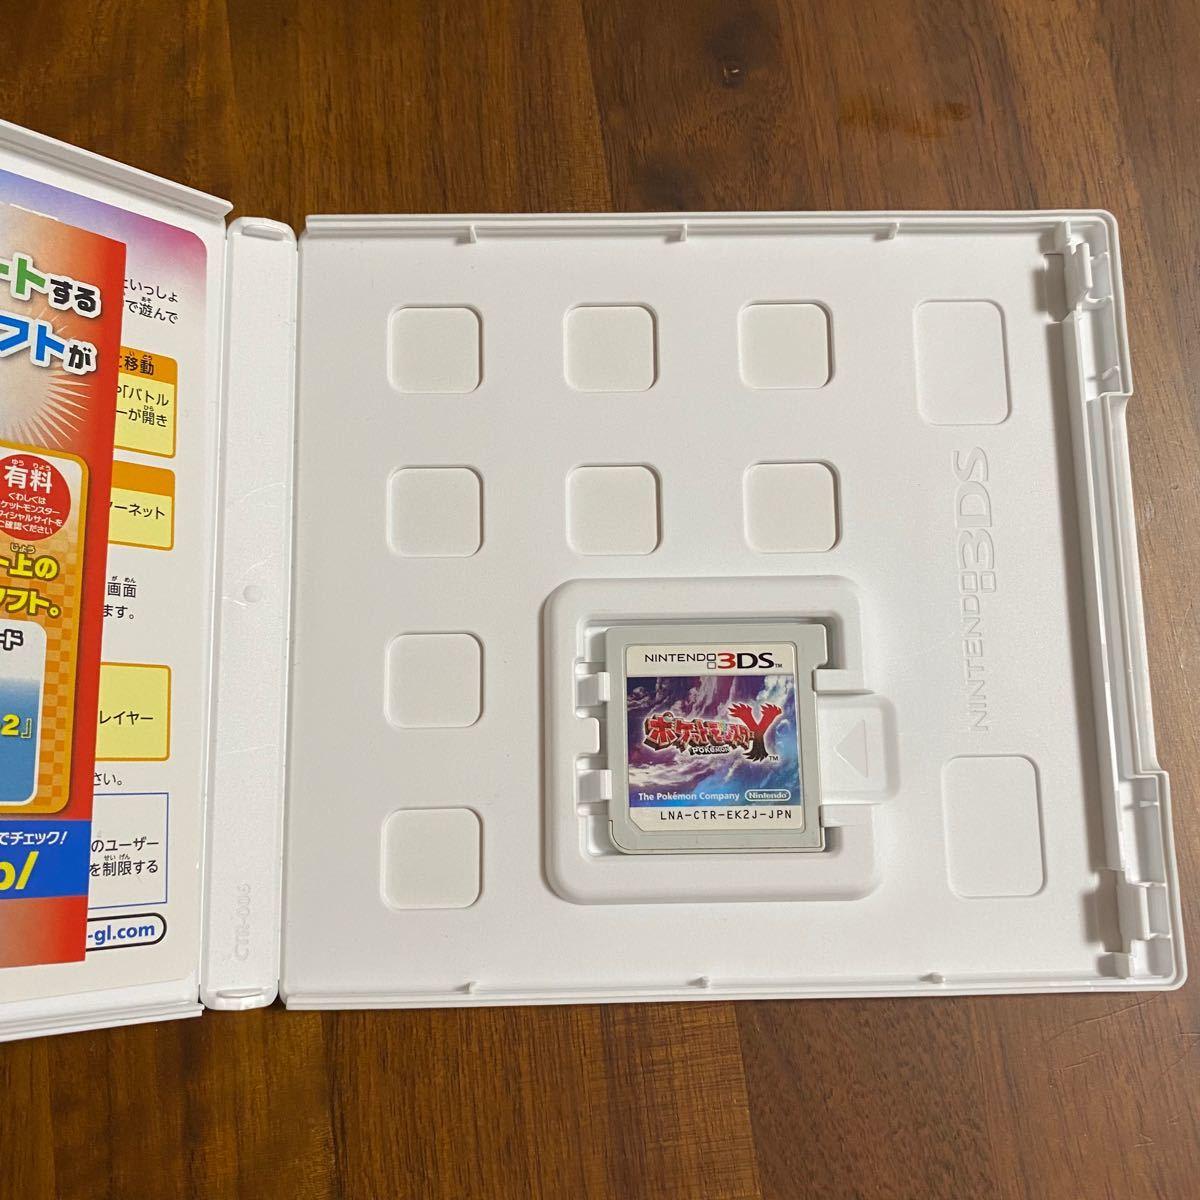 ポケットモンスターY ポケモンY ニンテンドー3DS 3DS ポケモン ソフト 任天堂 3DS ポケモンXY XY